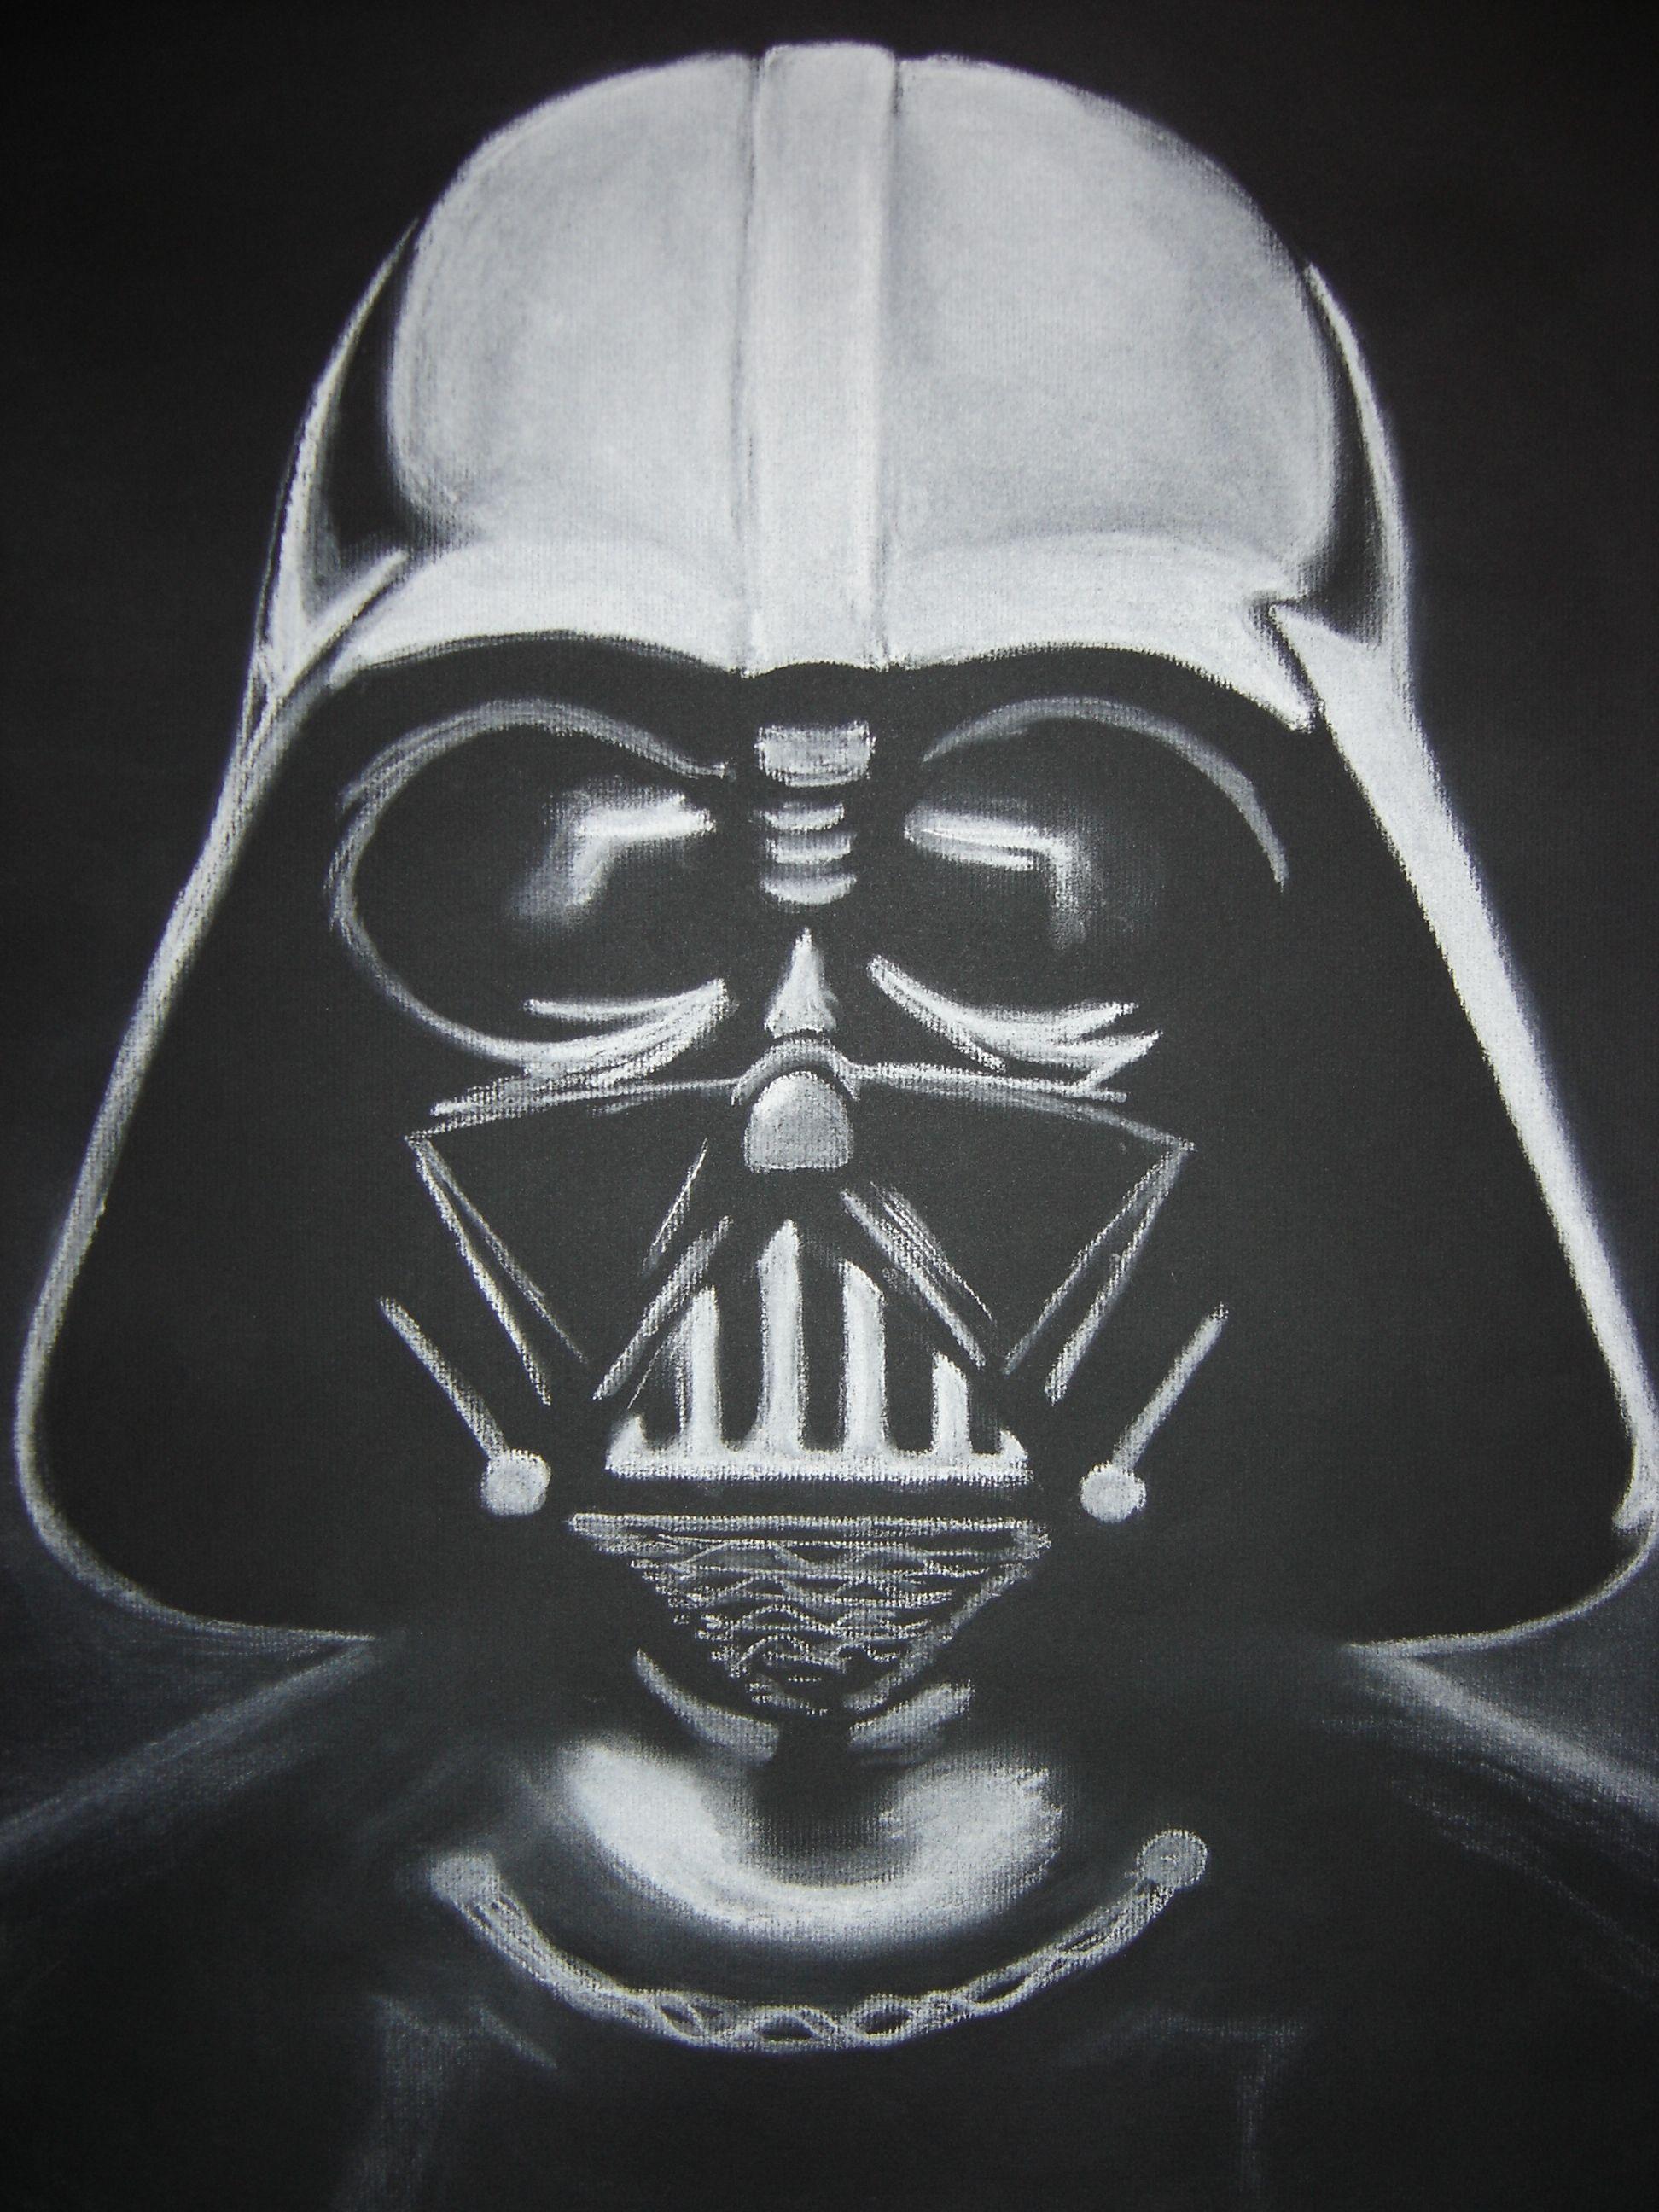 Darth Vader drawing | vader | Pinterest | Darth vader ...